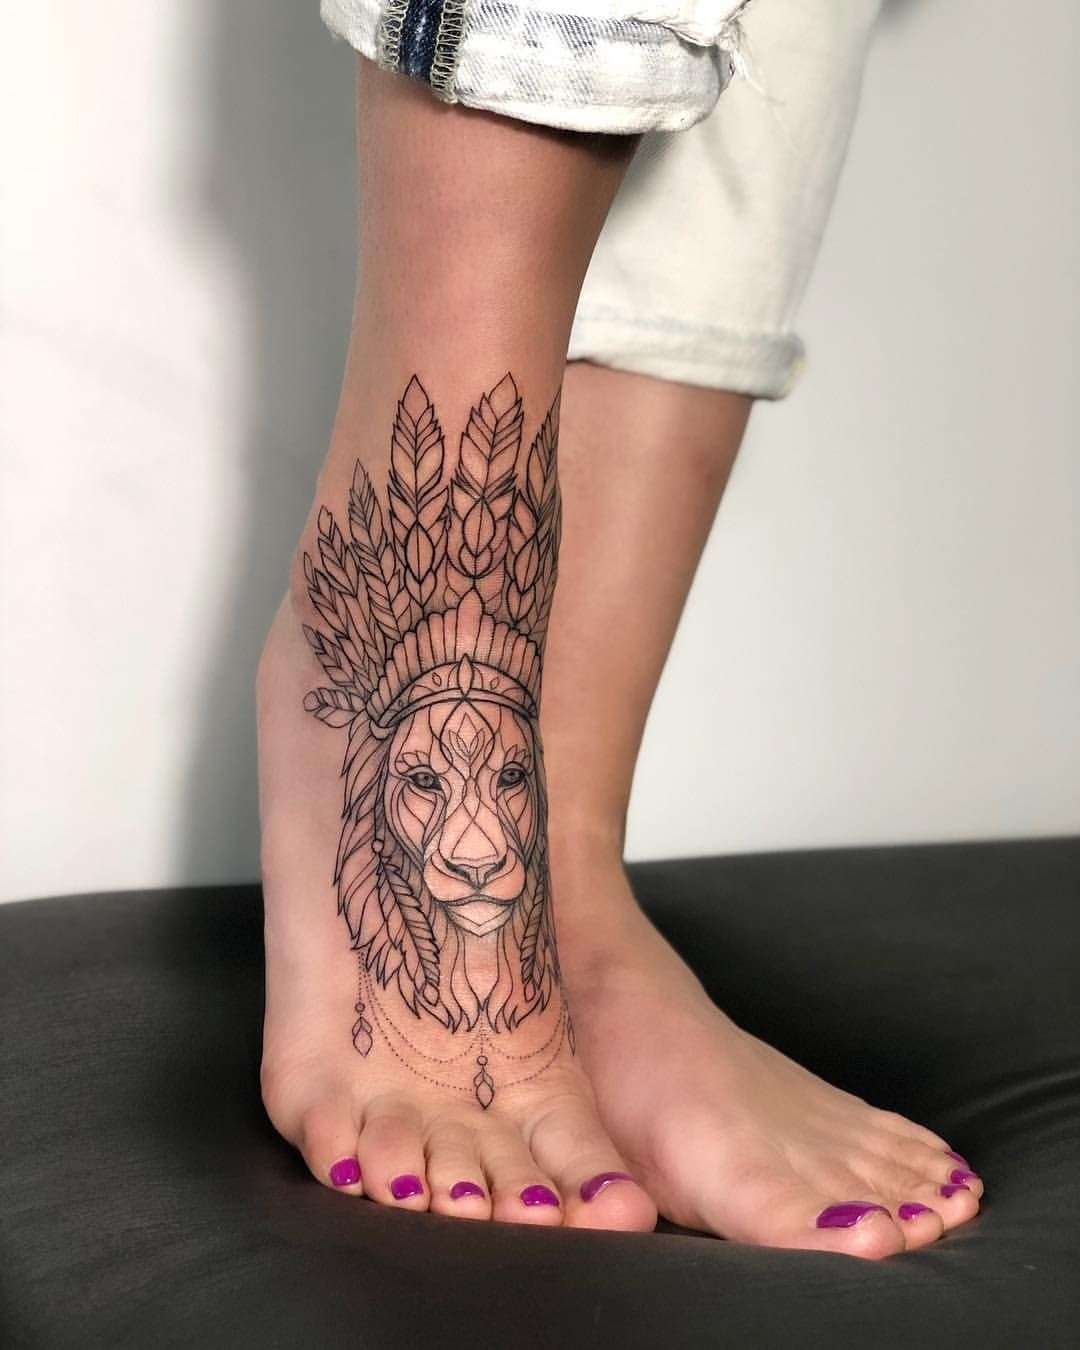 Tatuaje de león pie mujer